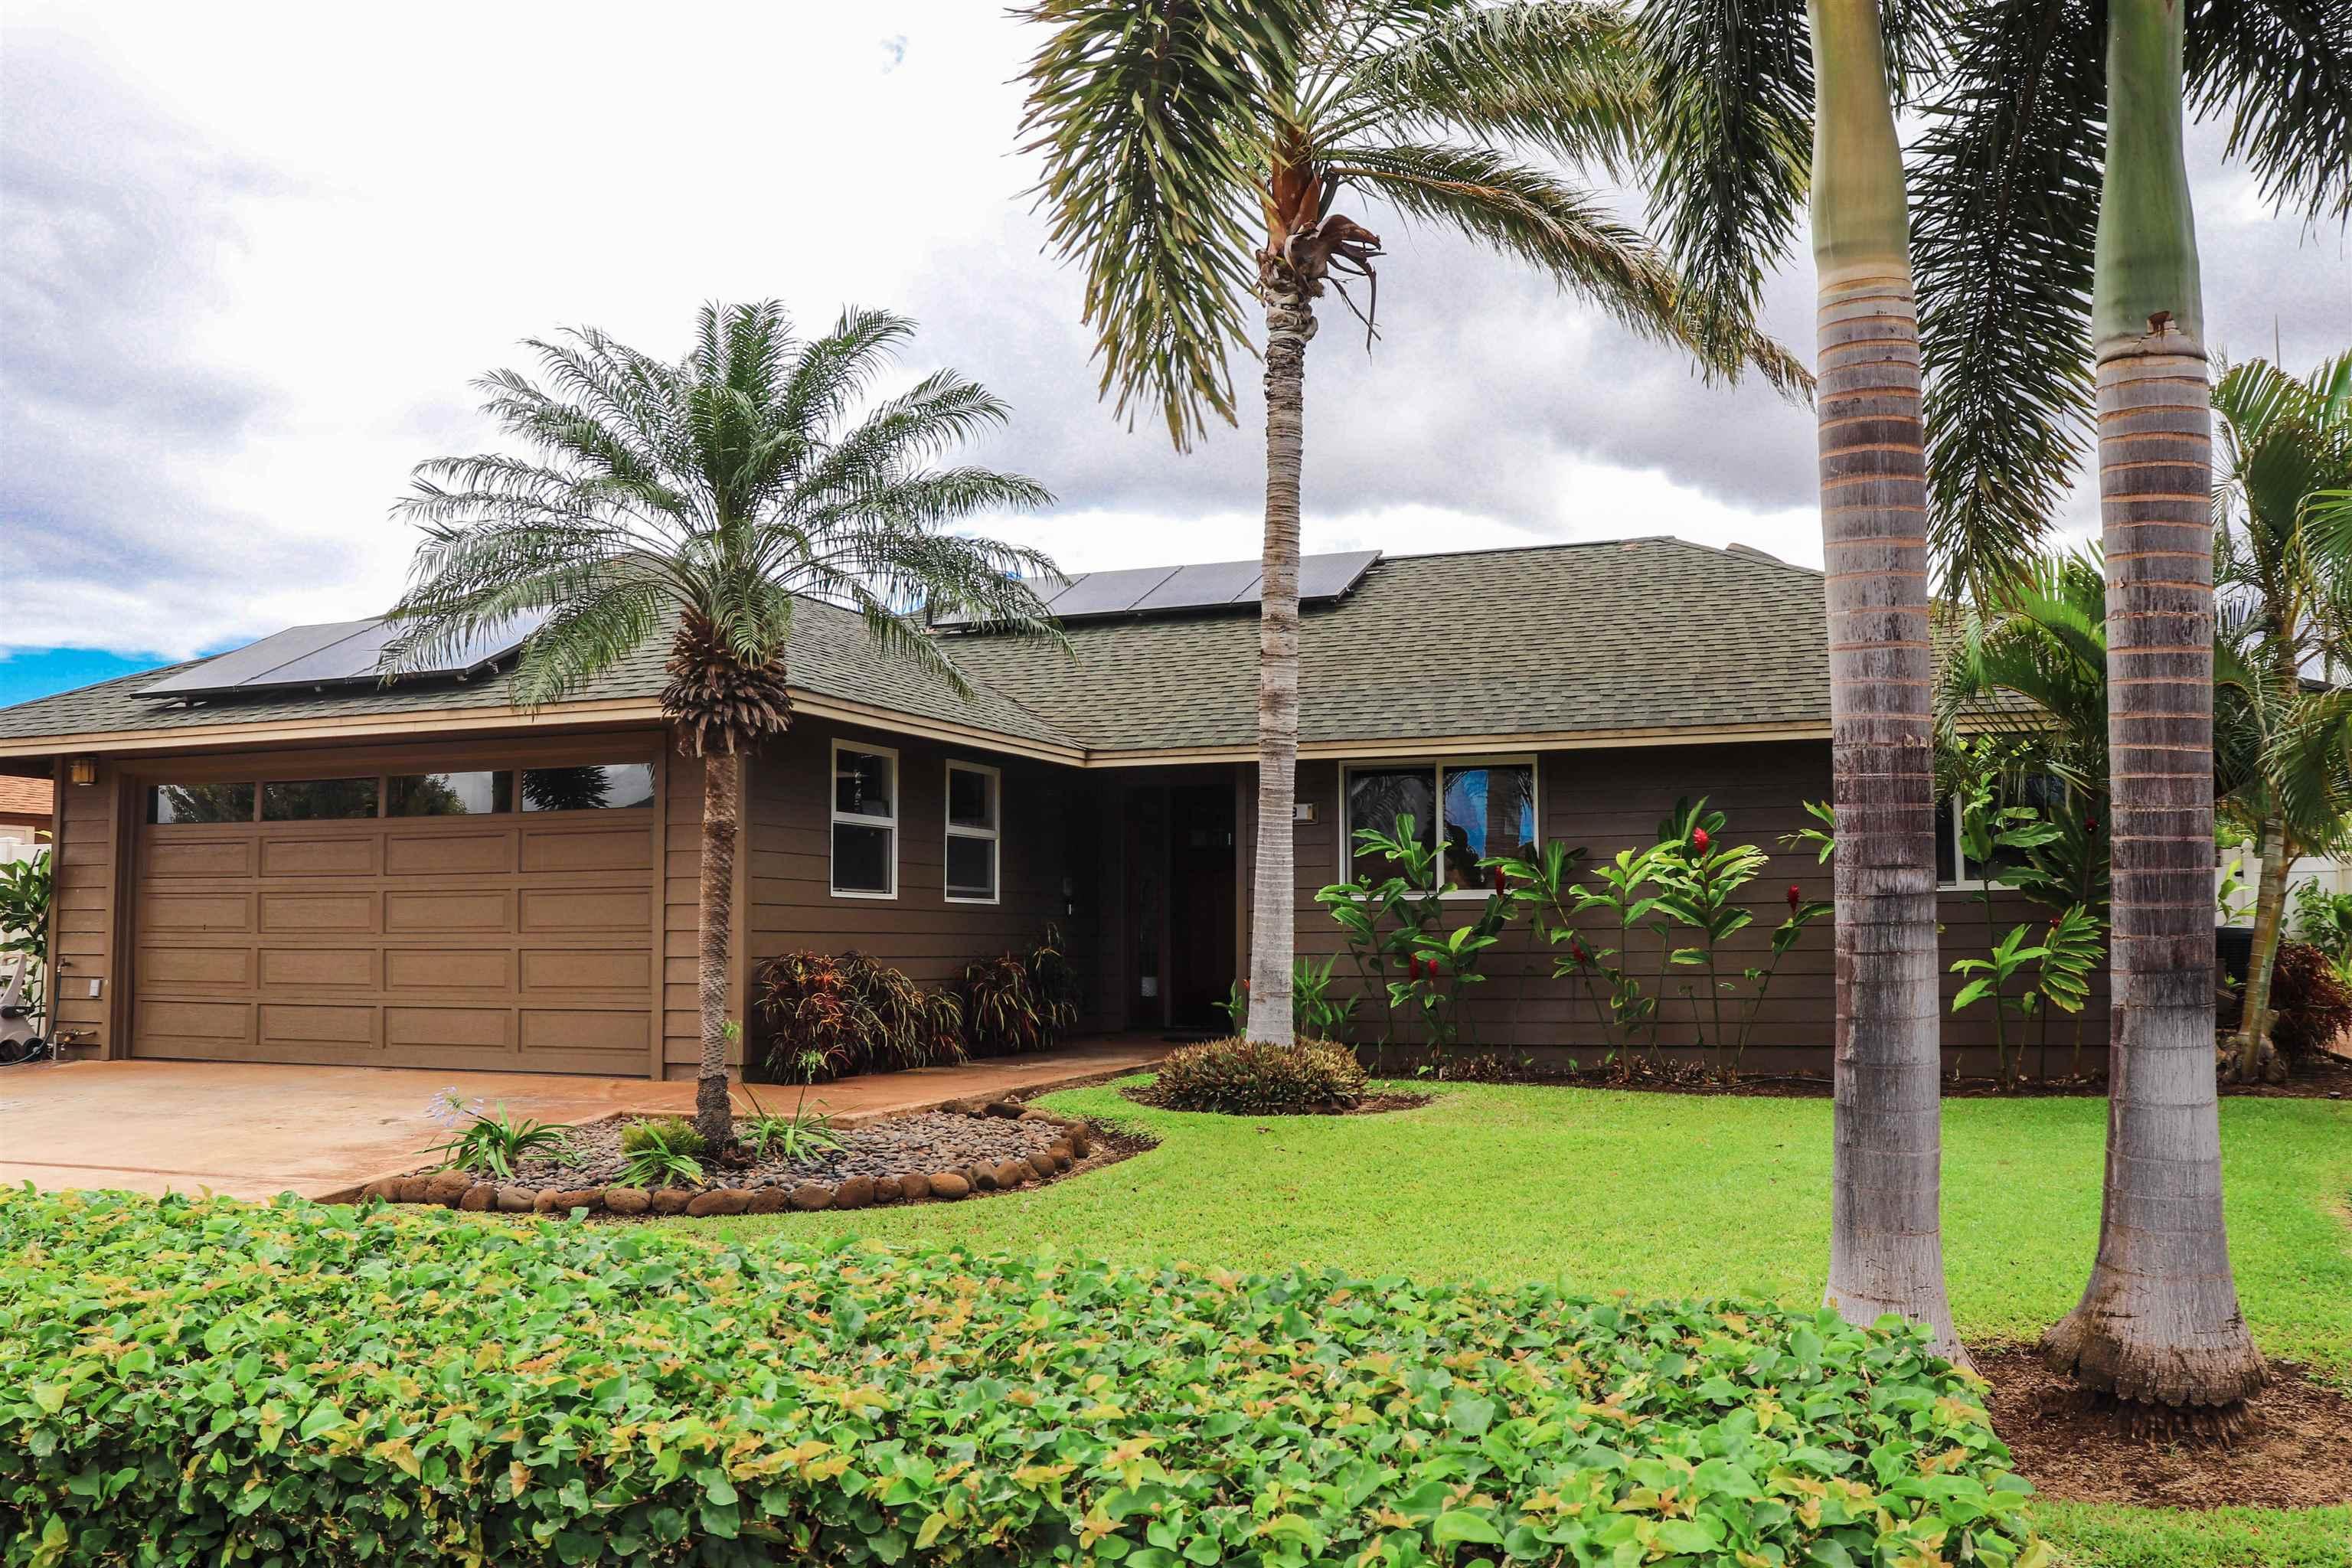 $1,150,000 - 3Br/3Ba -  for Sale in Waiakoa Kai Estates, Kihei